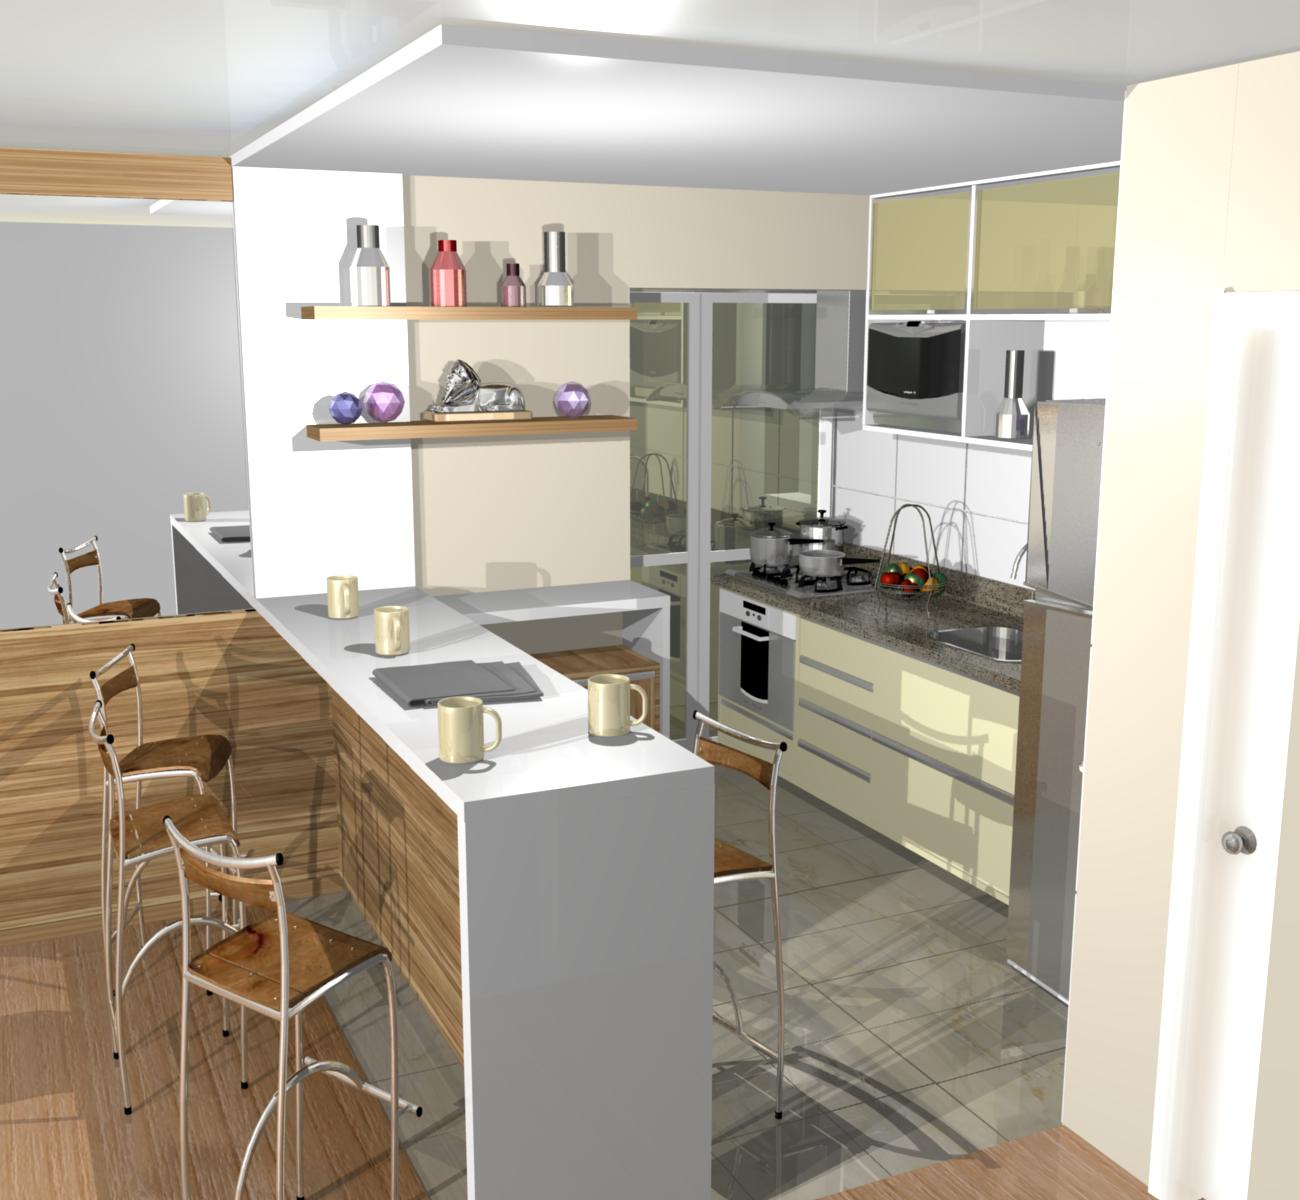 Cozinhas Decoradas Modernas Cozinha Moderna Colorida Cozinha